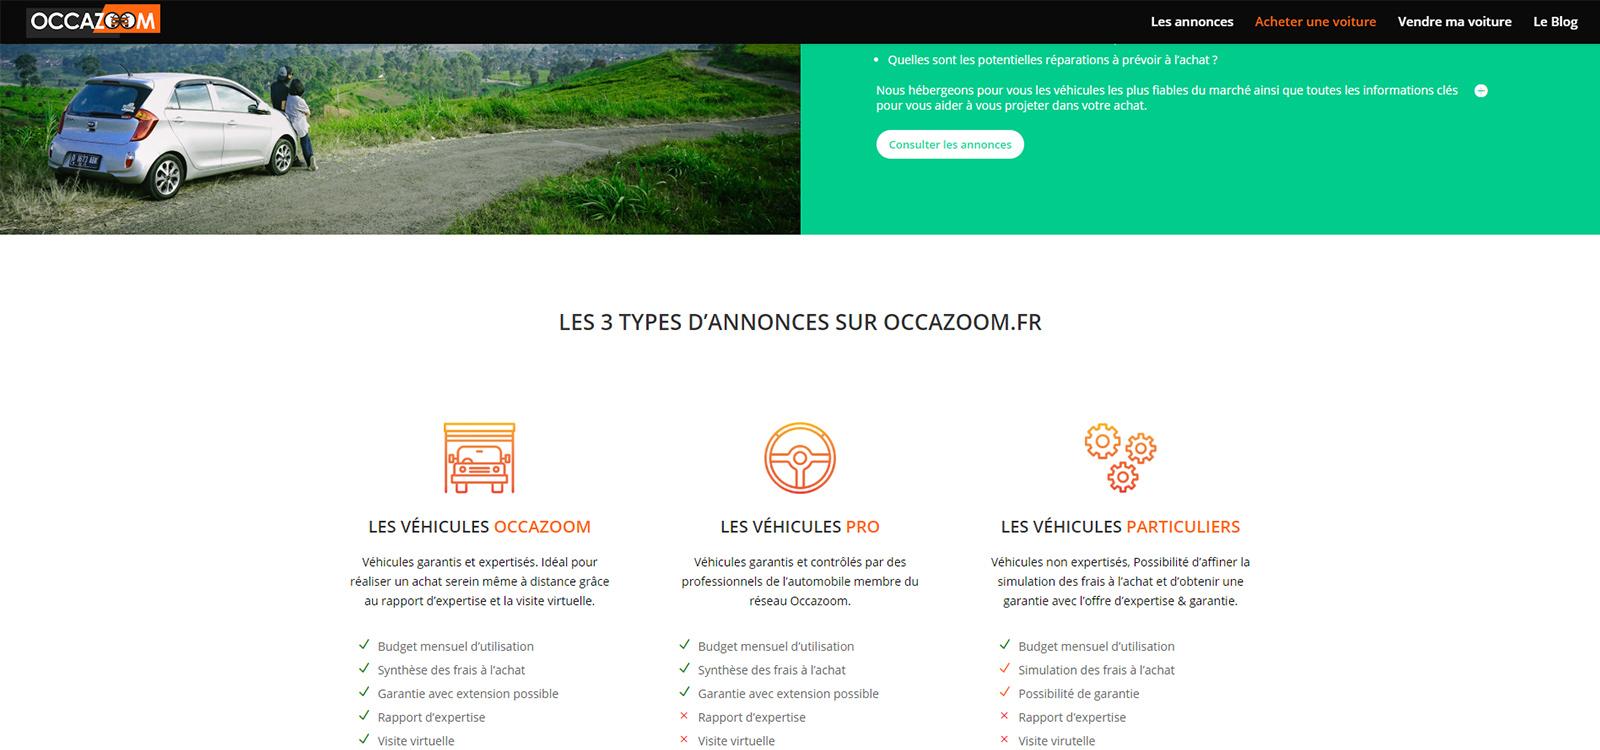 site Occazoom